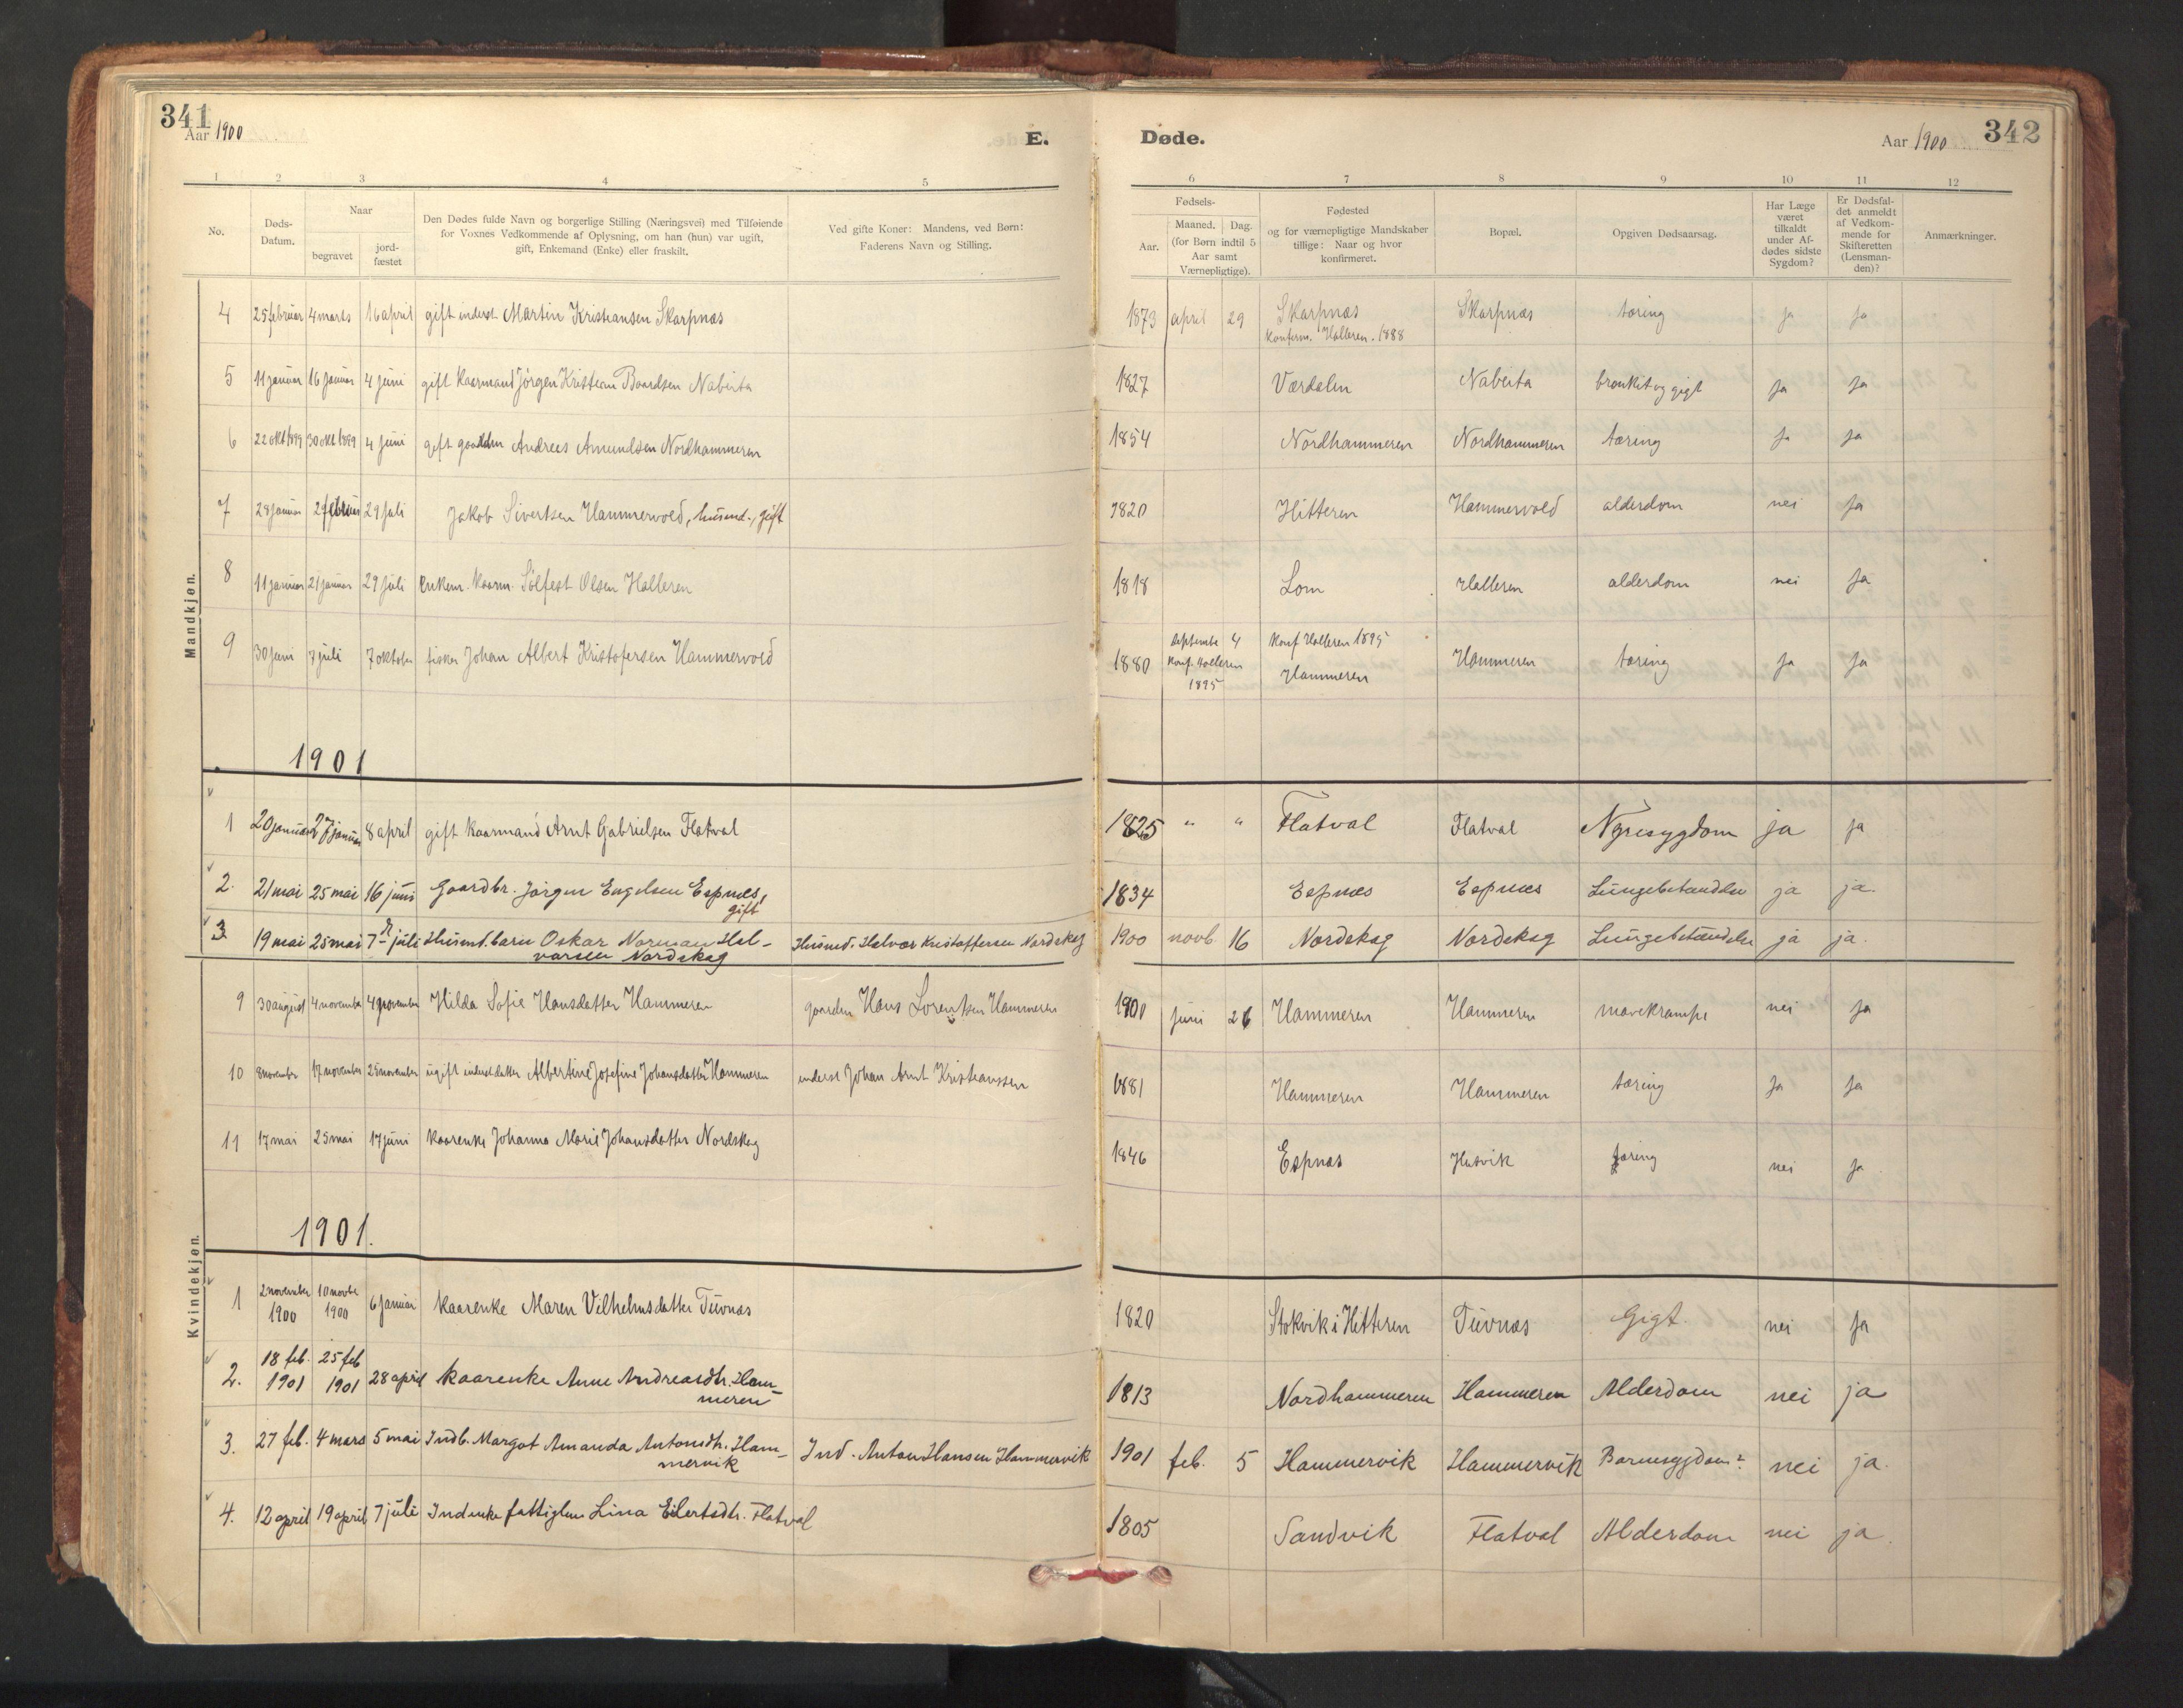 SAT, Ministerialprotokoller, klokkerbøker og fødselsregistre - Sør-Trøndelag, 641/L0596: Ministerialbok nr. 641A02, 1898-1915, s. 341-342